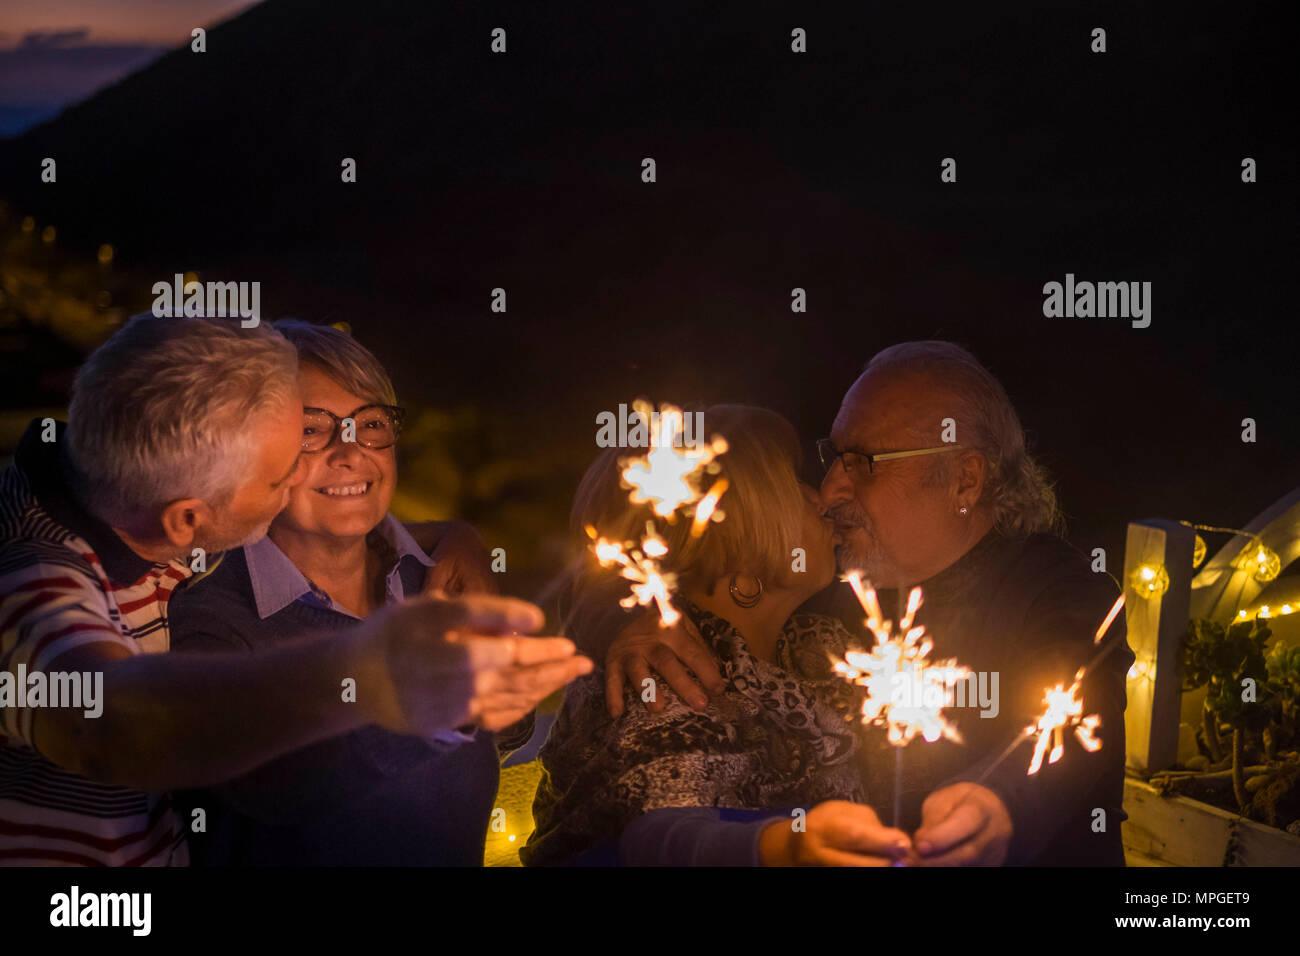 Dos pareja beso y celebrar eventos, como cumpleaños o el día de año nuevo con brillos exteriores. felicidad y esperanza para el futuro concepto de estilo de vida senior r Foto de stock